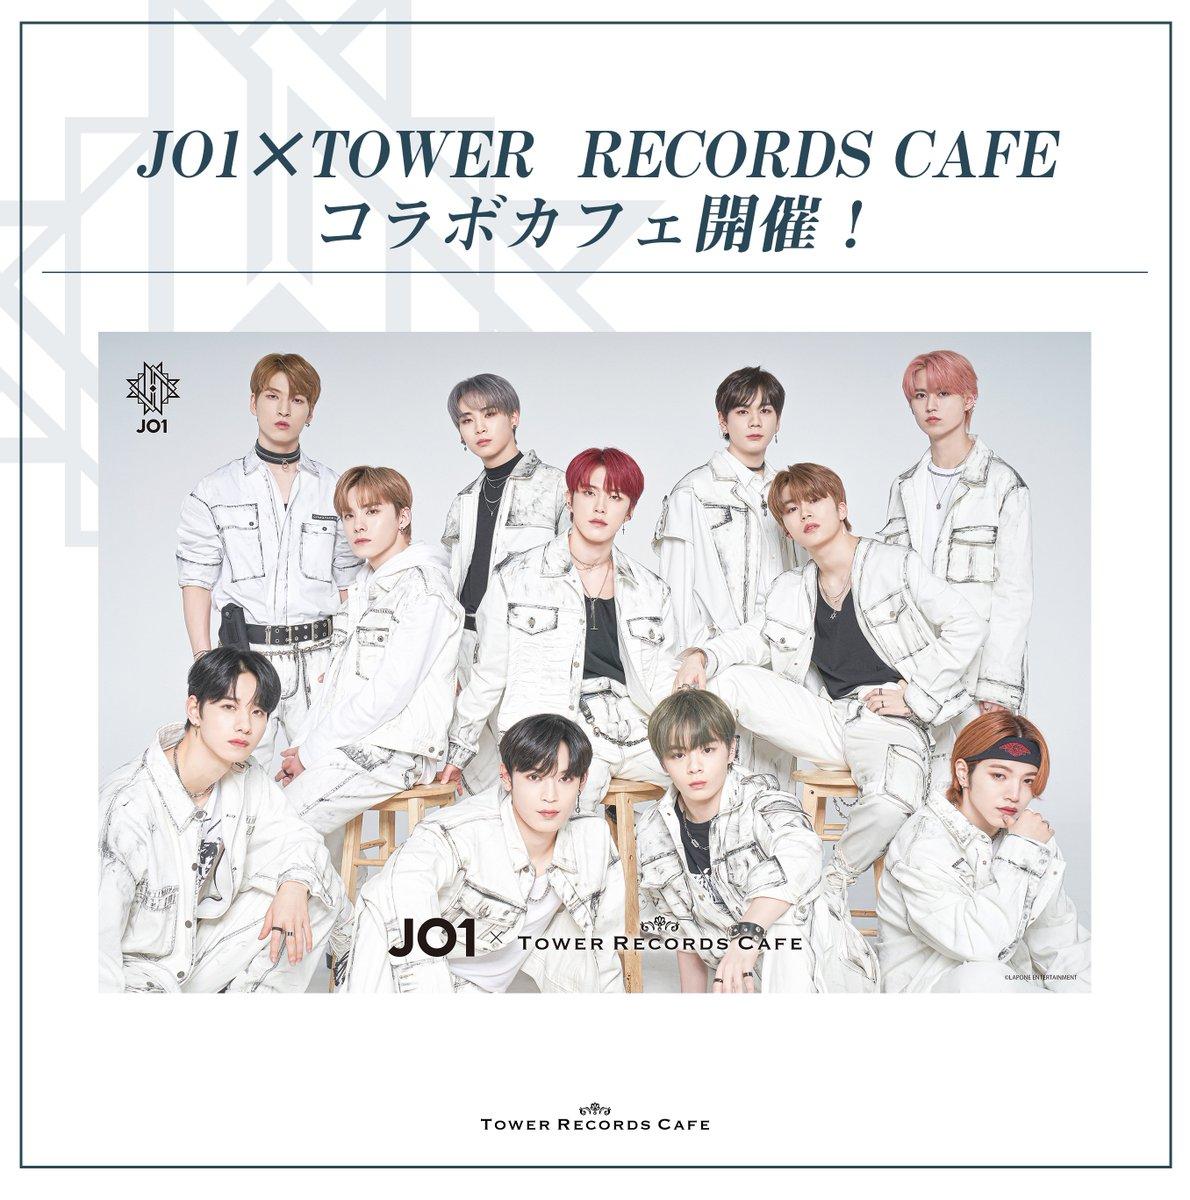 【#JO1×TOWER RECORDS CAFE】  JAMの皆さま、大変お待たせいたしました!メインビジュアル・メニュー・特典・グッズなどの全貌を公開✨ JO1コラボカフェ特設ページよりご確認ください⭐️  詳細⏩ tower.jp/jo1cafe2  #CHALLENGER #Born_To_Be_Wild